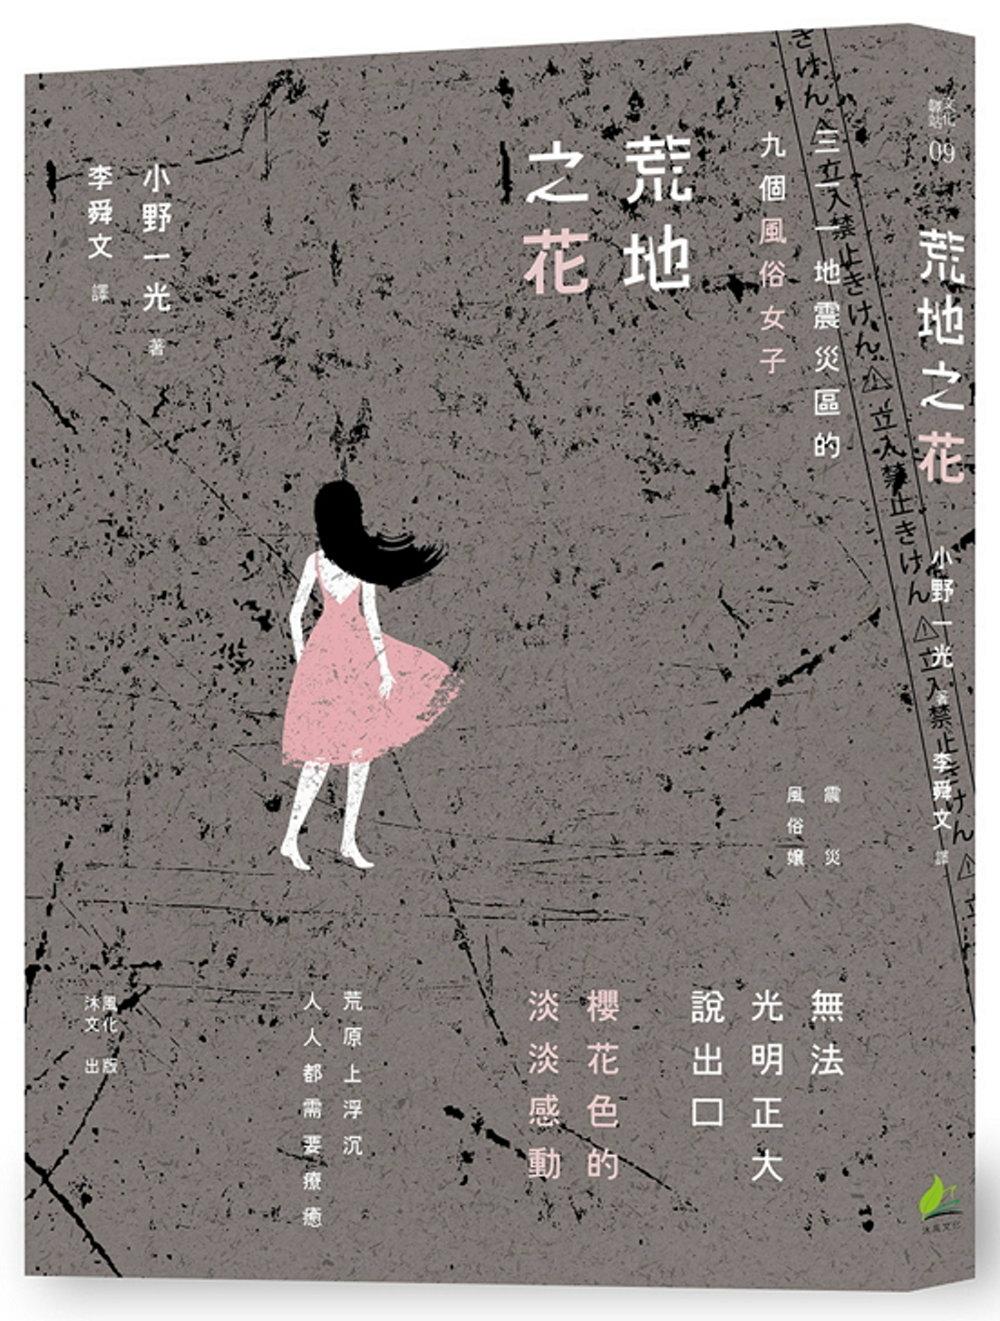 荒地之花:三一一地震災區的九個風俗女子